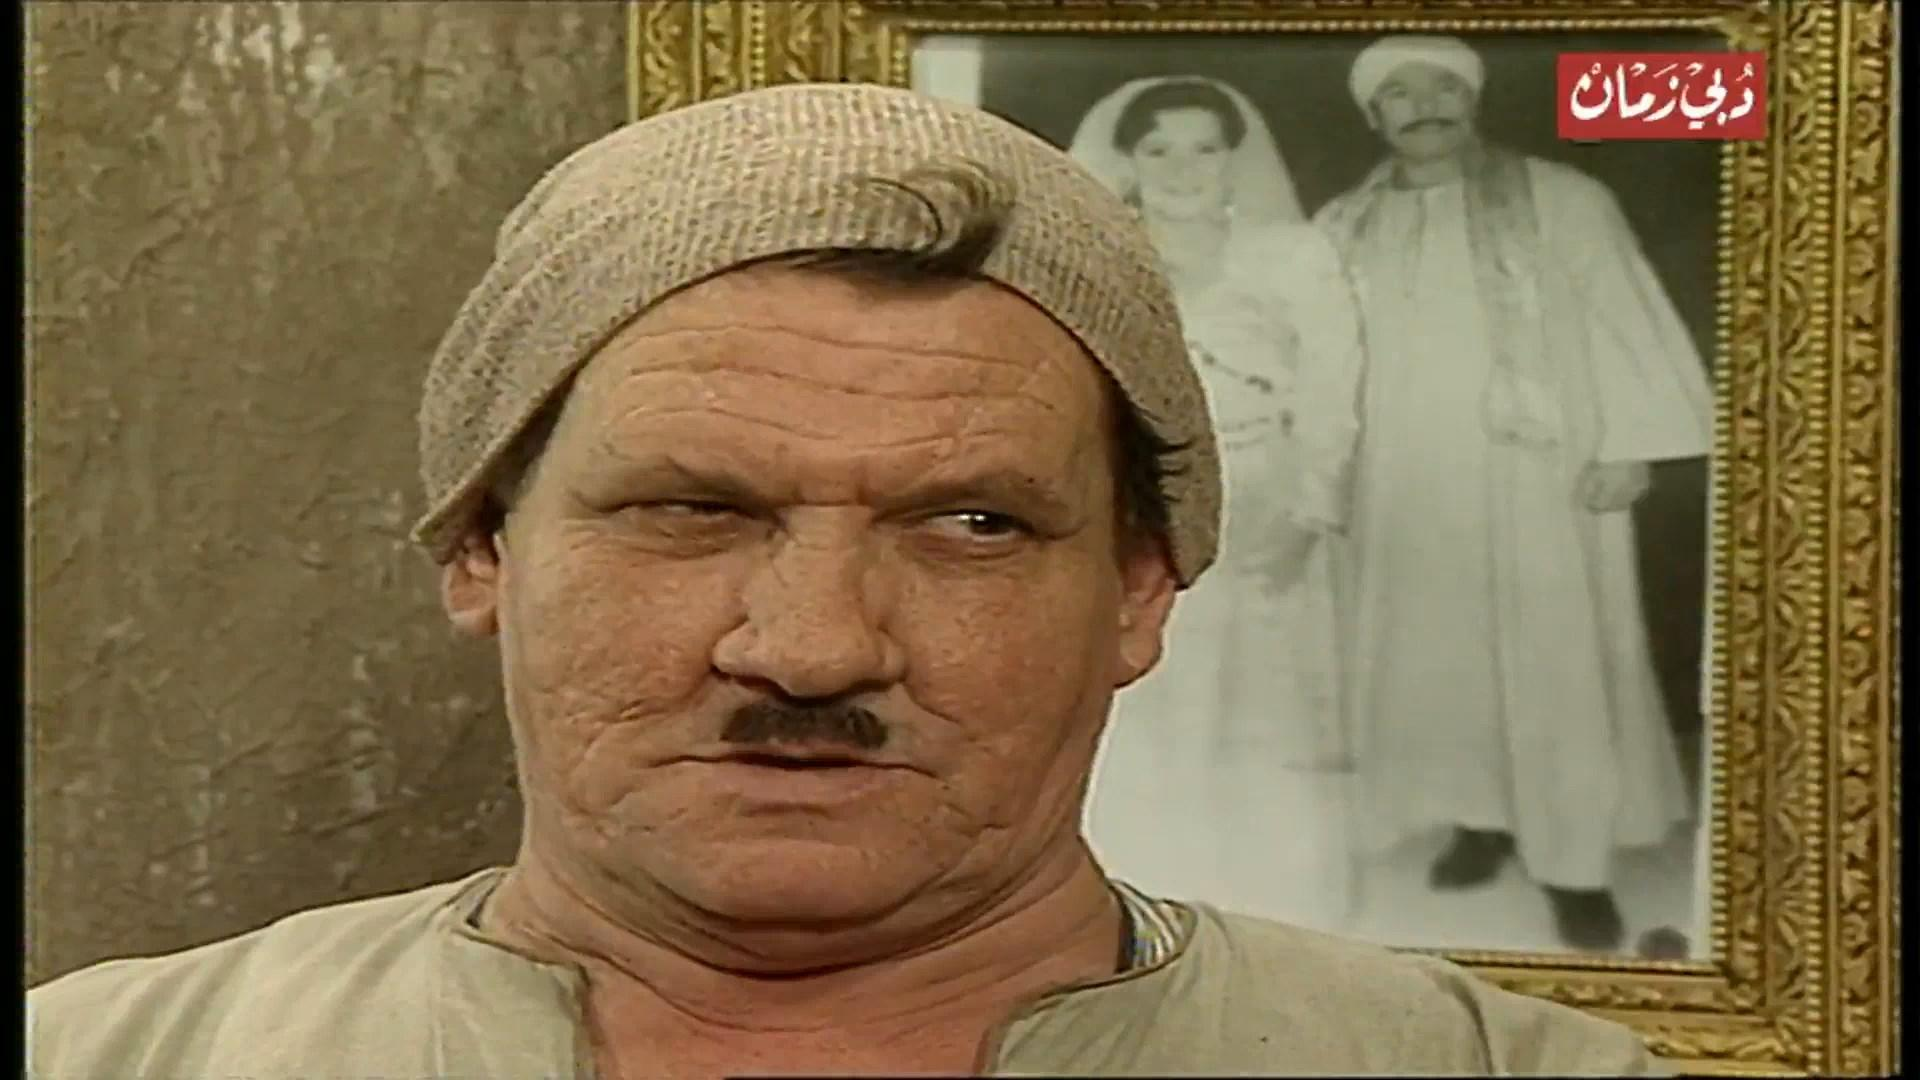 مسلسل الفدان الأخير (1992) 1080p تحميل تورنت 5 arabp2p.com